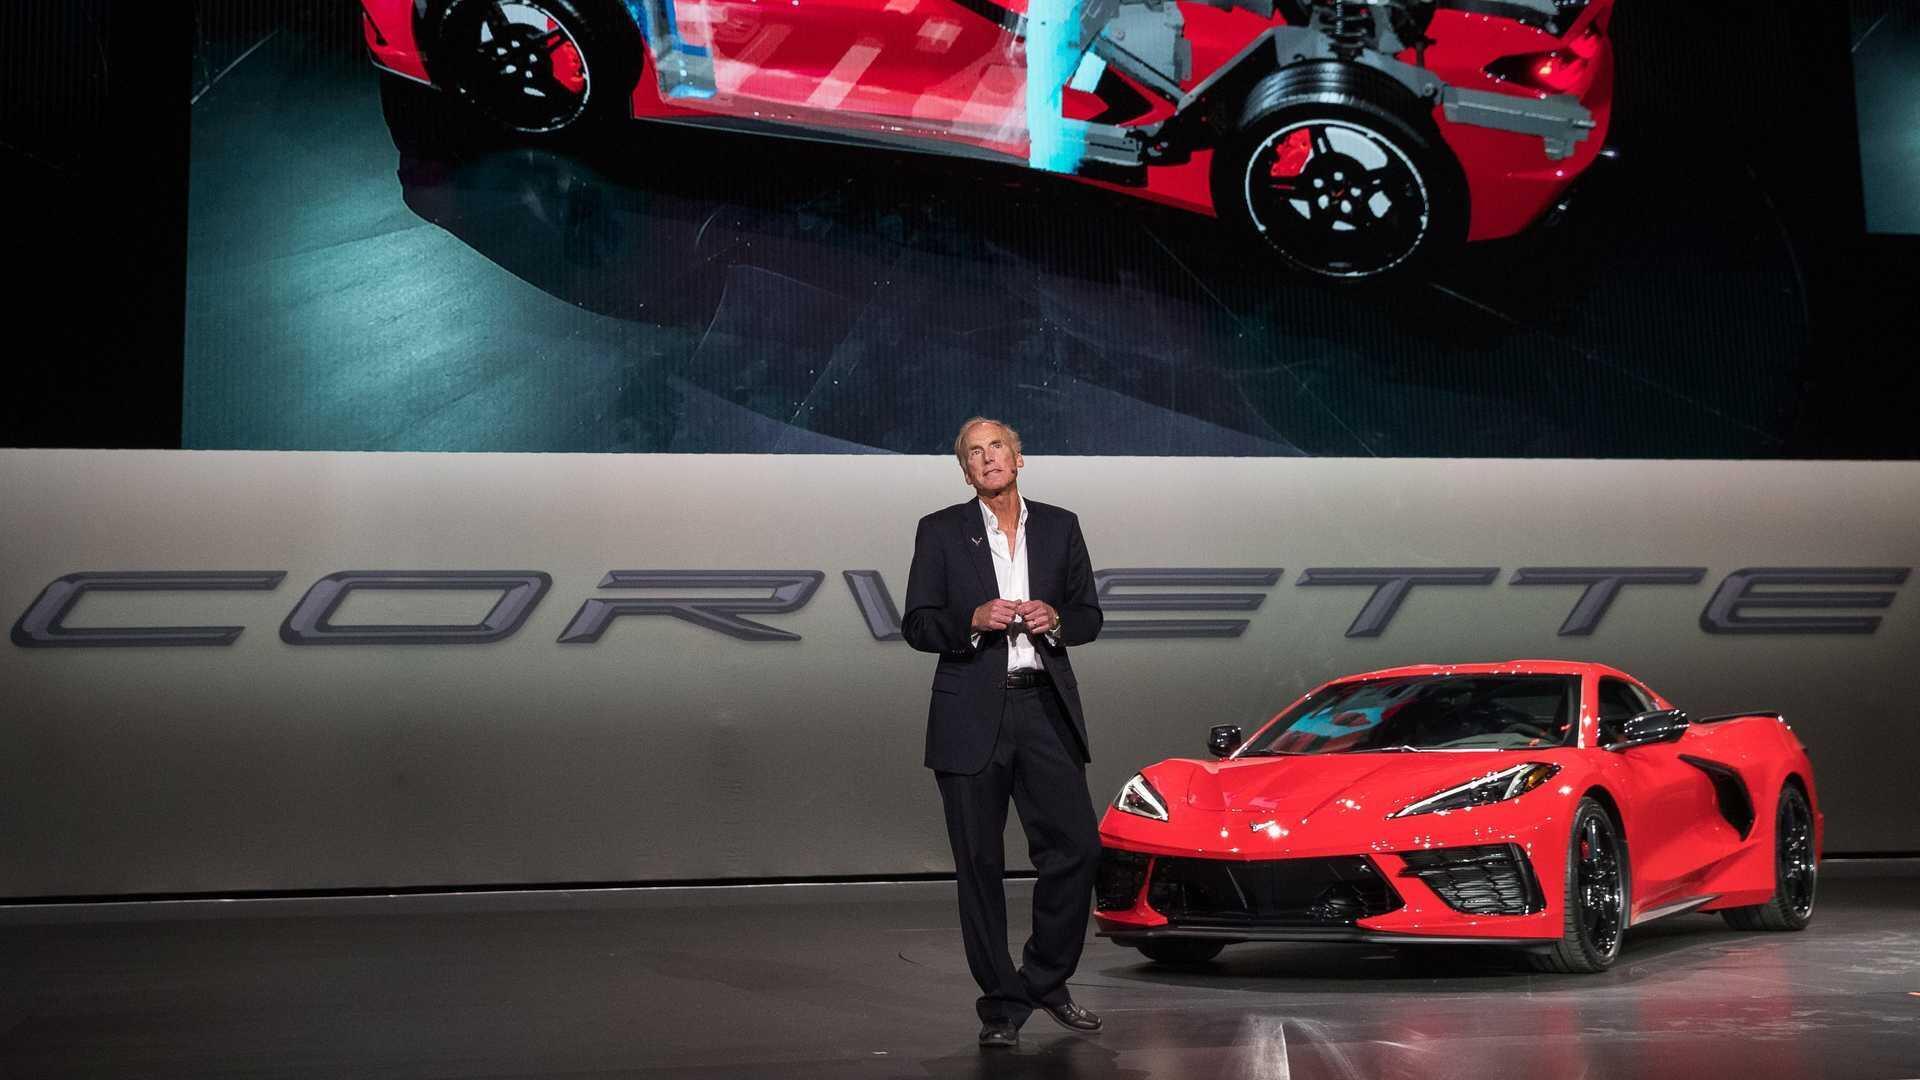 https://cdn.dailyxe.com.vn/image/chevrolet-corvette-2020-co-mot-so-tinh-nang-an-tuyet-voi-33-94536j2.jpg